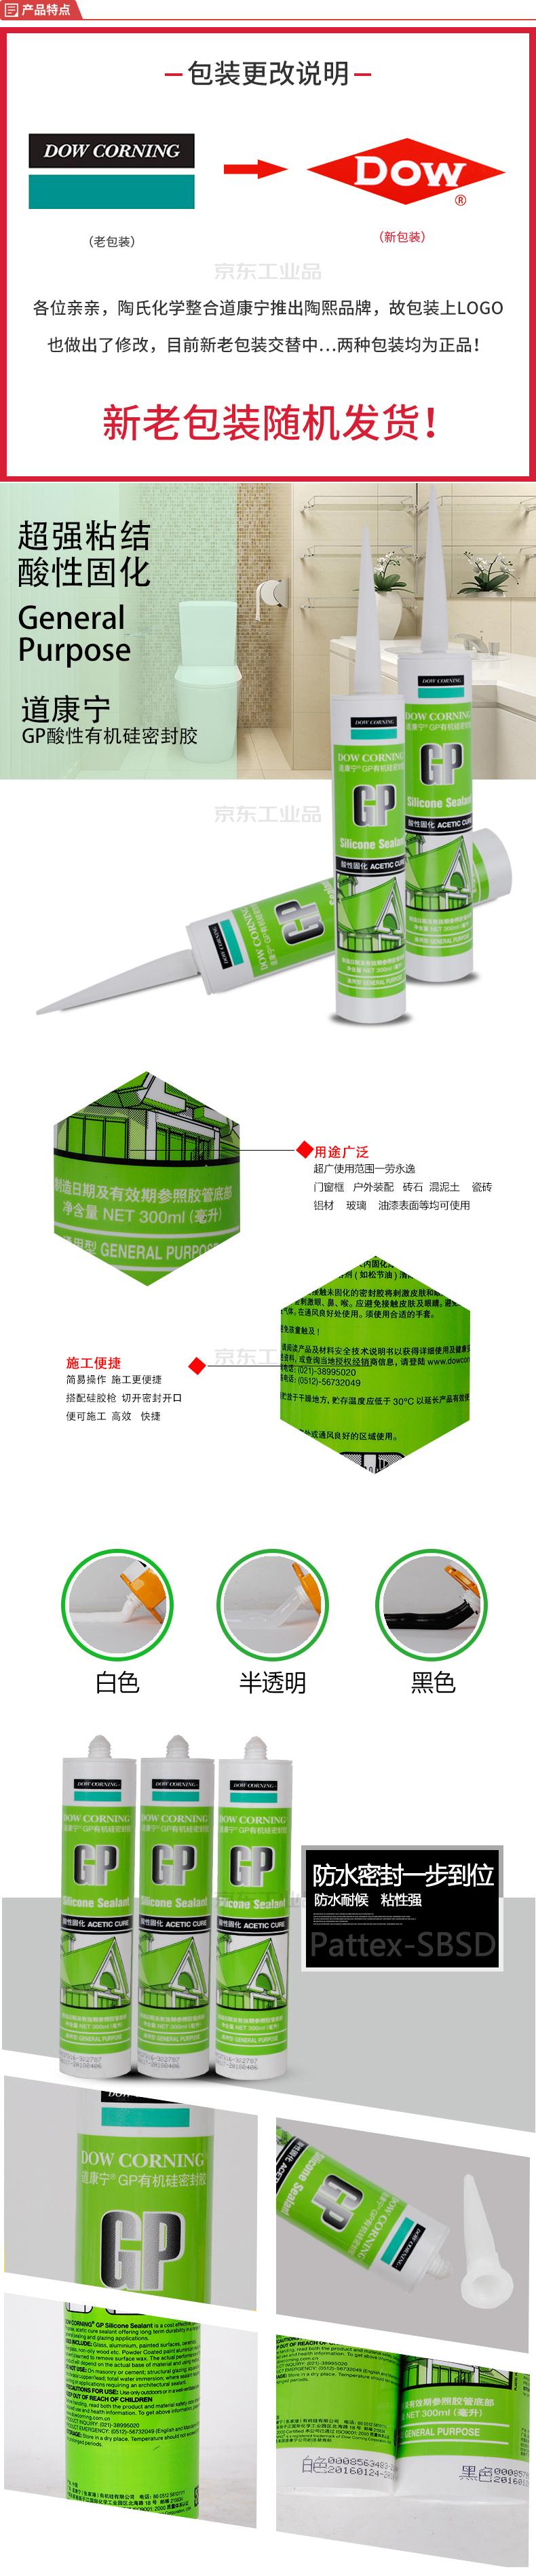 陶熙(DOWSIL) 通用性酸性固化硅酮密封胶,300ml/支,24支/箱;GP 透明